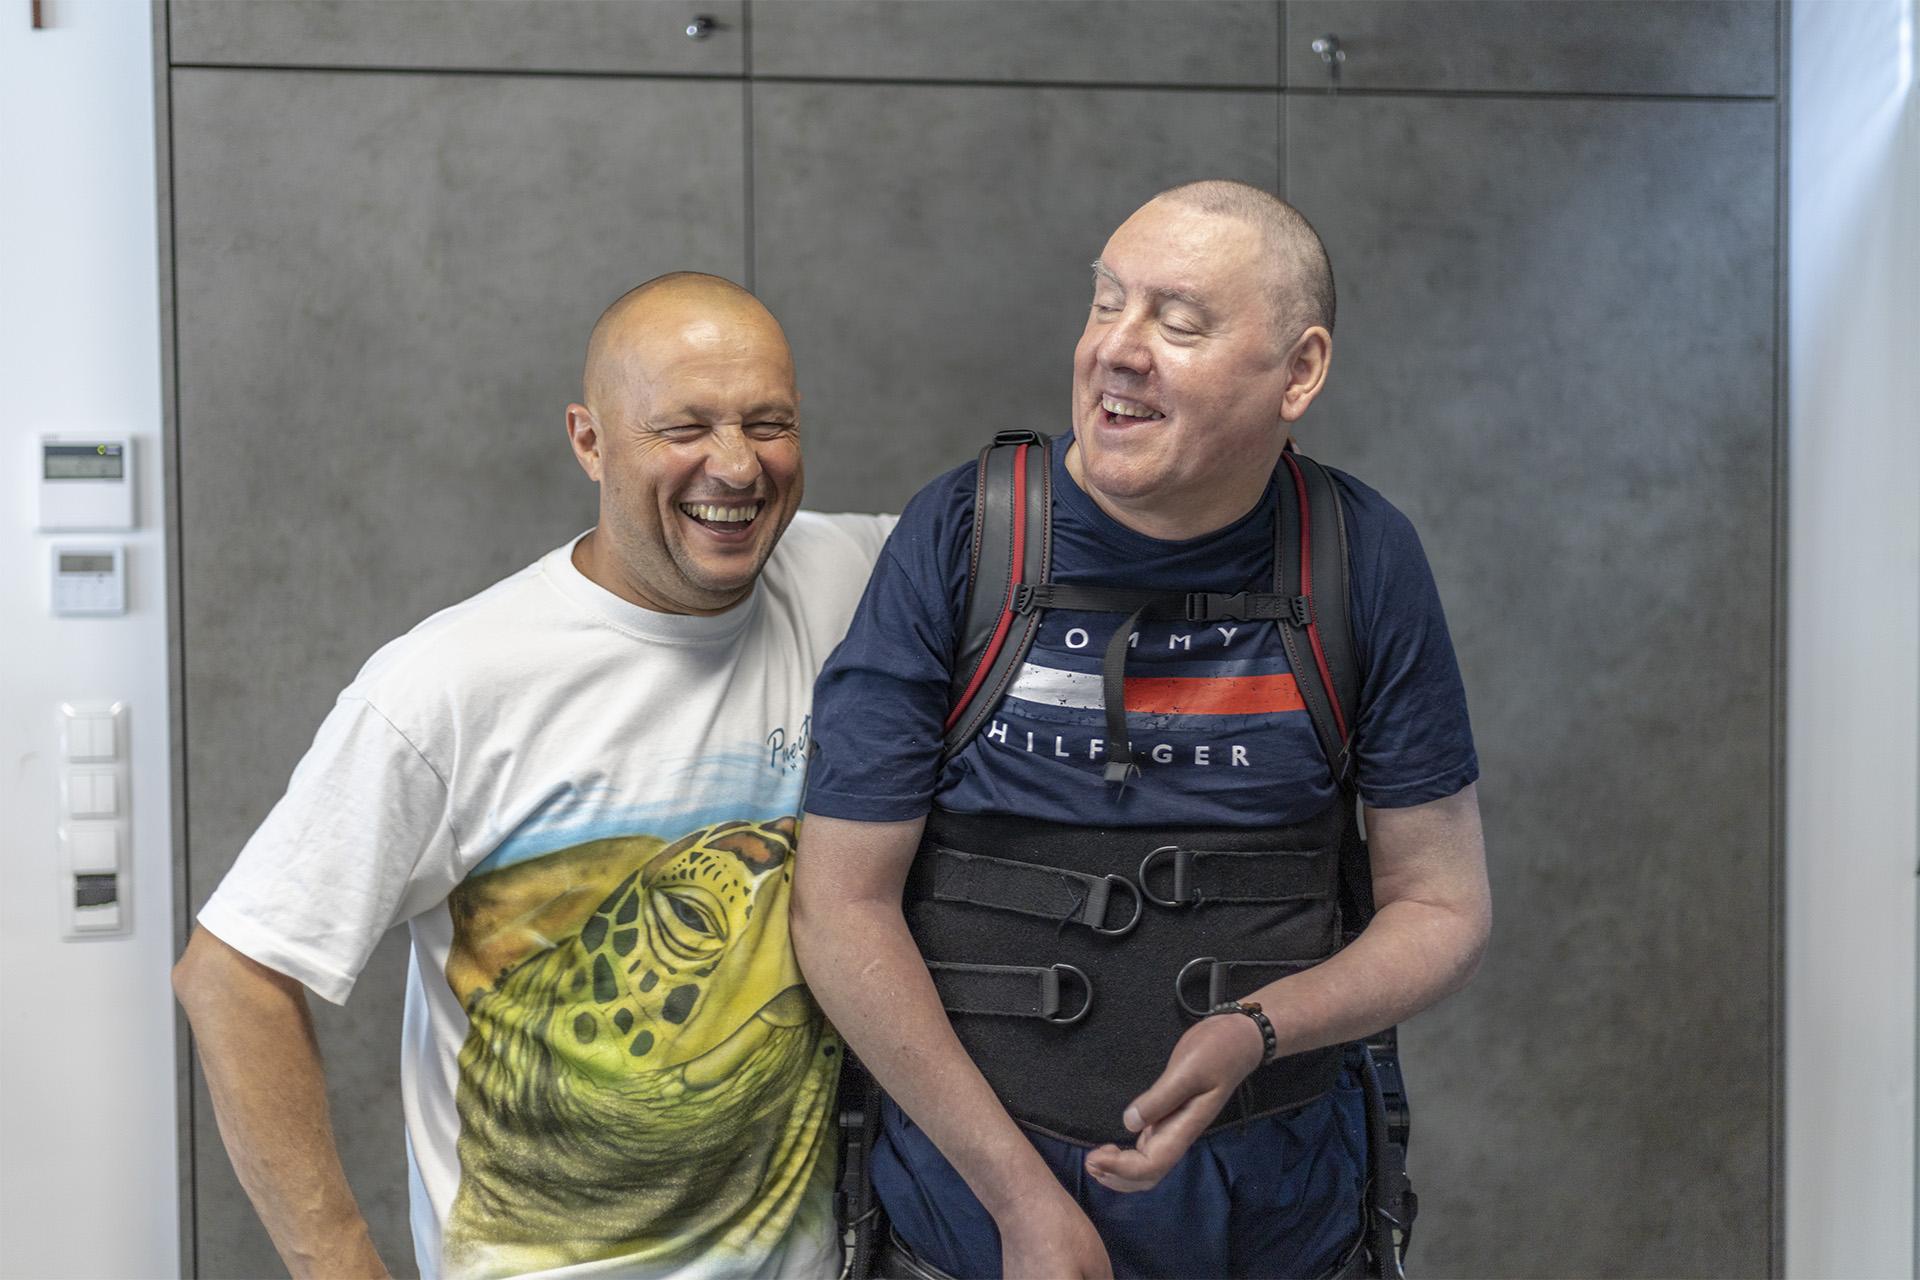 Krzysztof Trawiński i Piotr Wencka. Fot. Marcin Maziarz